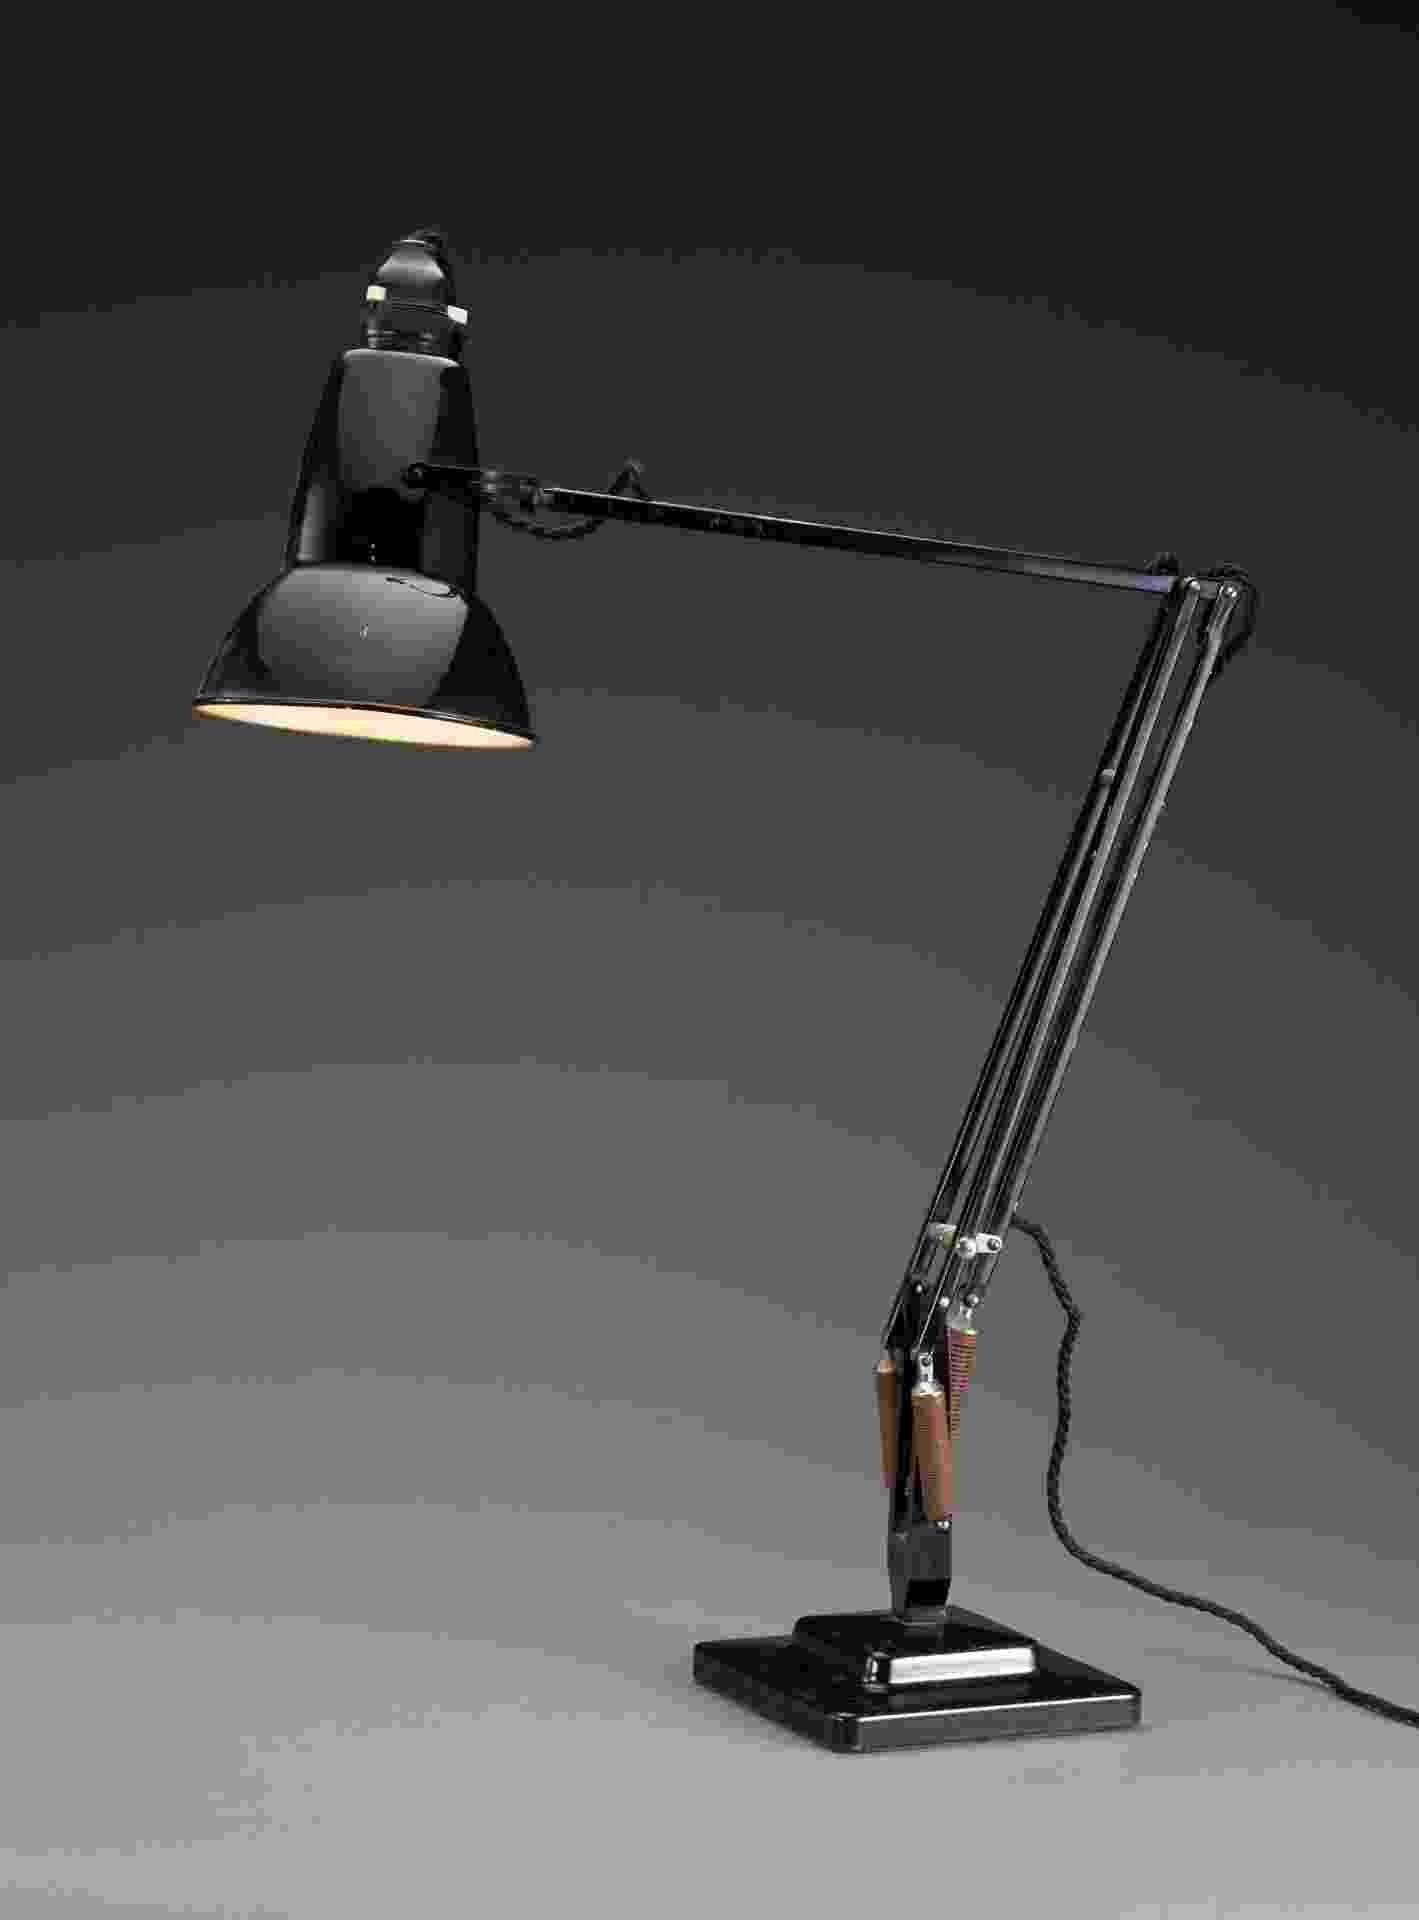 """As molas na base da luminária """"Anglepoise"""" (1935) permitem o movimento sem a perda de equilíbrio. Revolucionária, a peça criada por George Carwardine tem mecanismo utilizado em inúmeras peças do gênero criadas atualmente. O objeto faz parte da mostra Lightopia, em cartaz no Vitra Design Museum, Alemanha - Divulgação"""